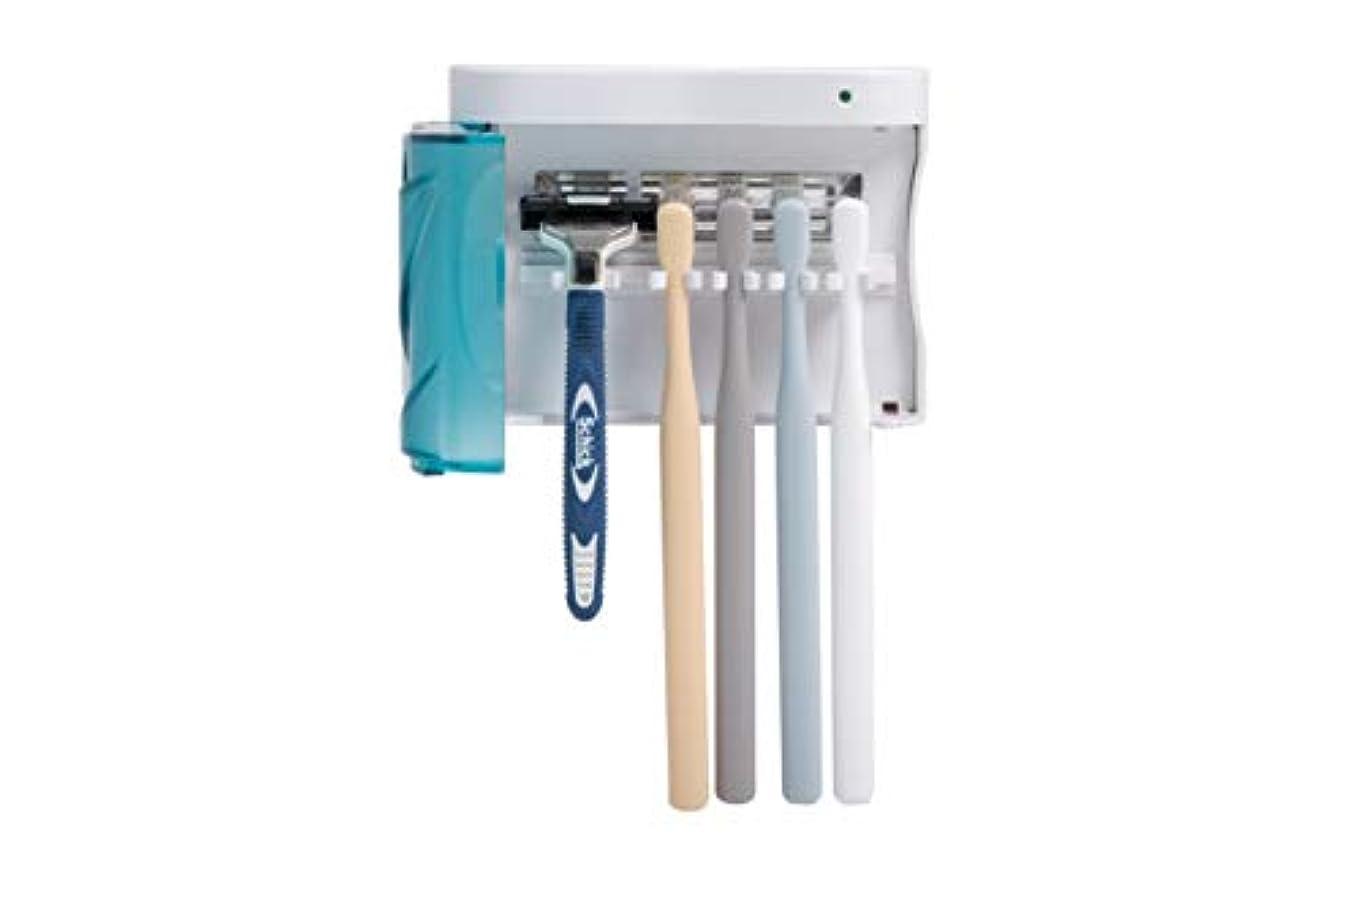 ファントム飼いならすジュラシックパークHITOP UV歯ブラシ除菌器、壁掛け式家庭用UV歯ブラシ除菌機、効果的な紫外線消毒、歯ブラシ収納ホルダー、電動ブラシにも適用、家族全員用 (家族全員用)